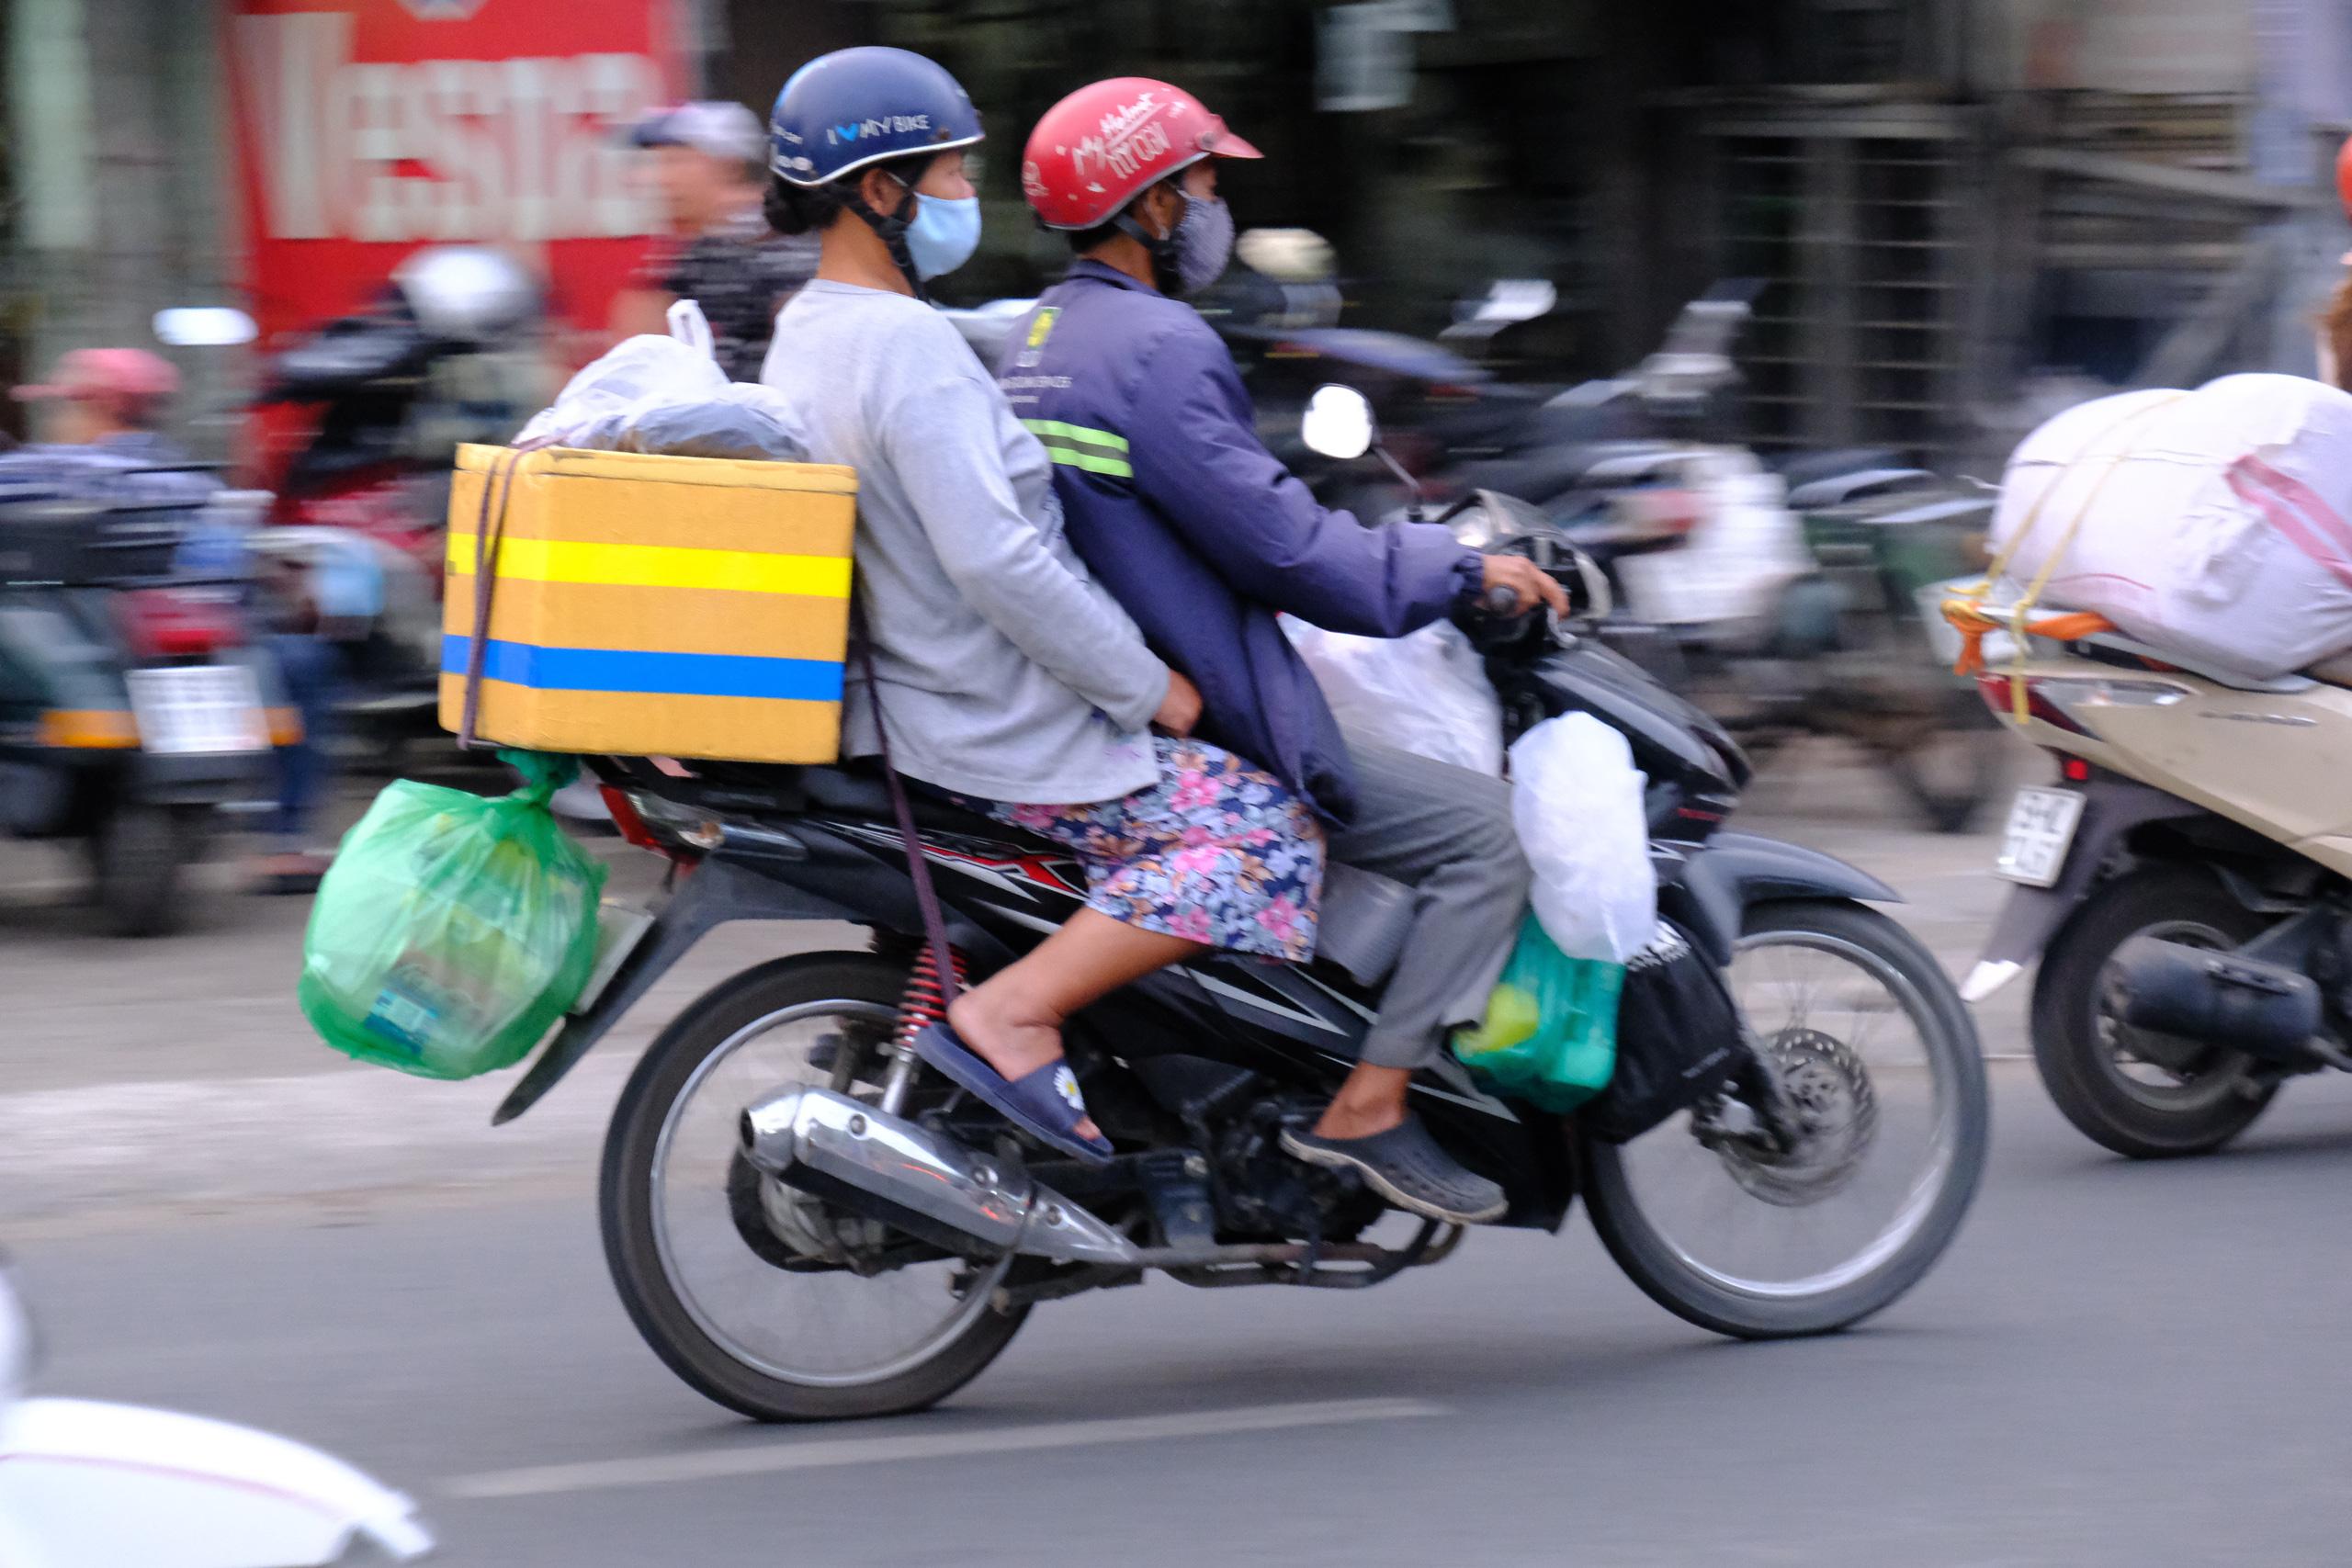 Chùm ảnh: Người dân ùn ùn kéo nhau về quê ăn Tết, Hà Nội tắc đường kinh hoàng chiều cuối năm - Ảnh 26.